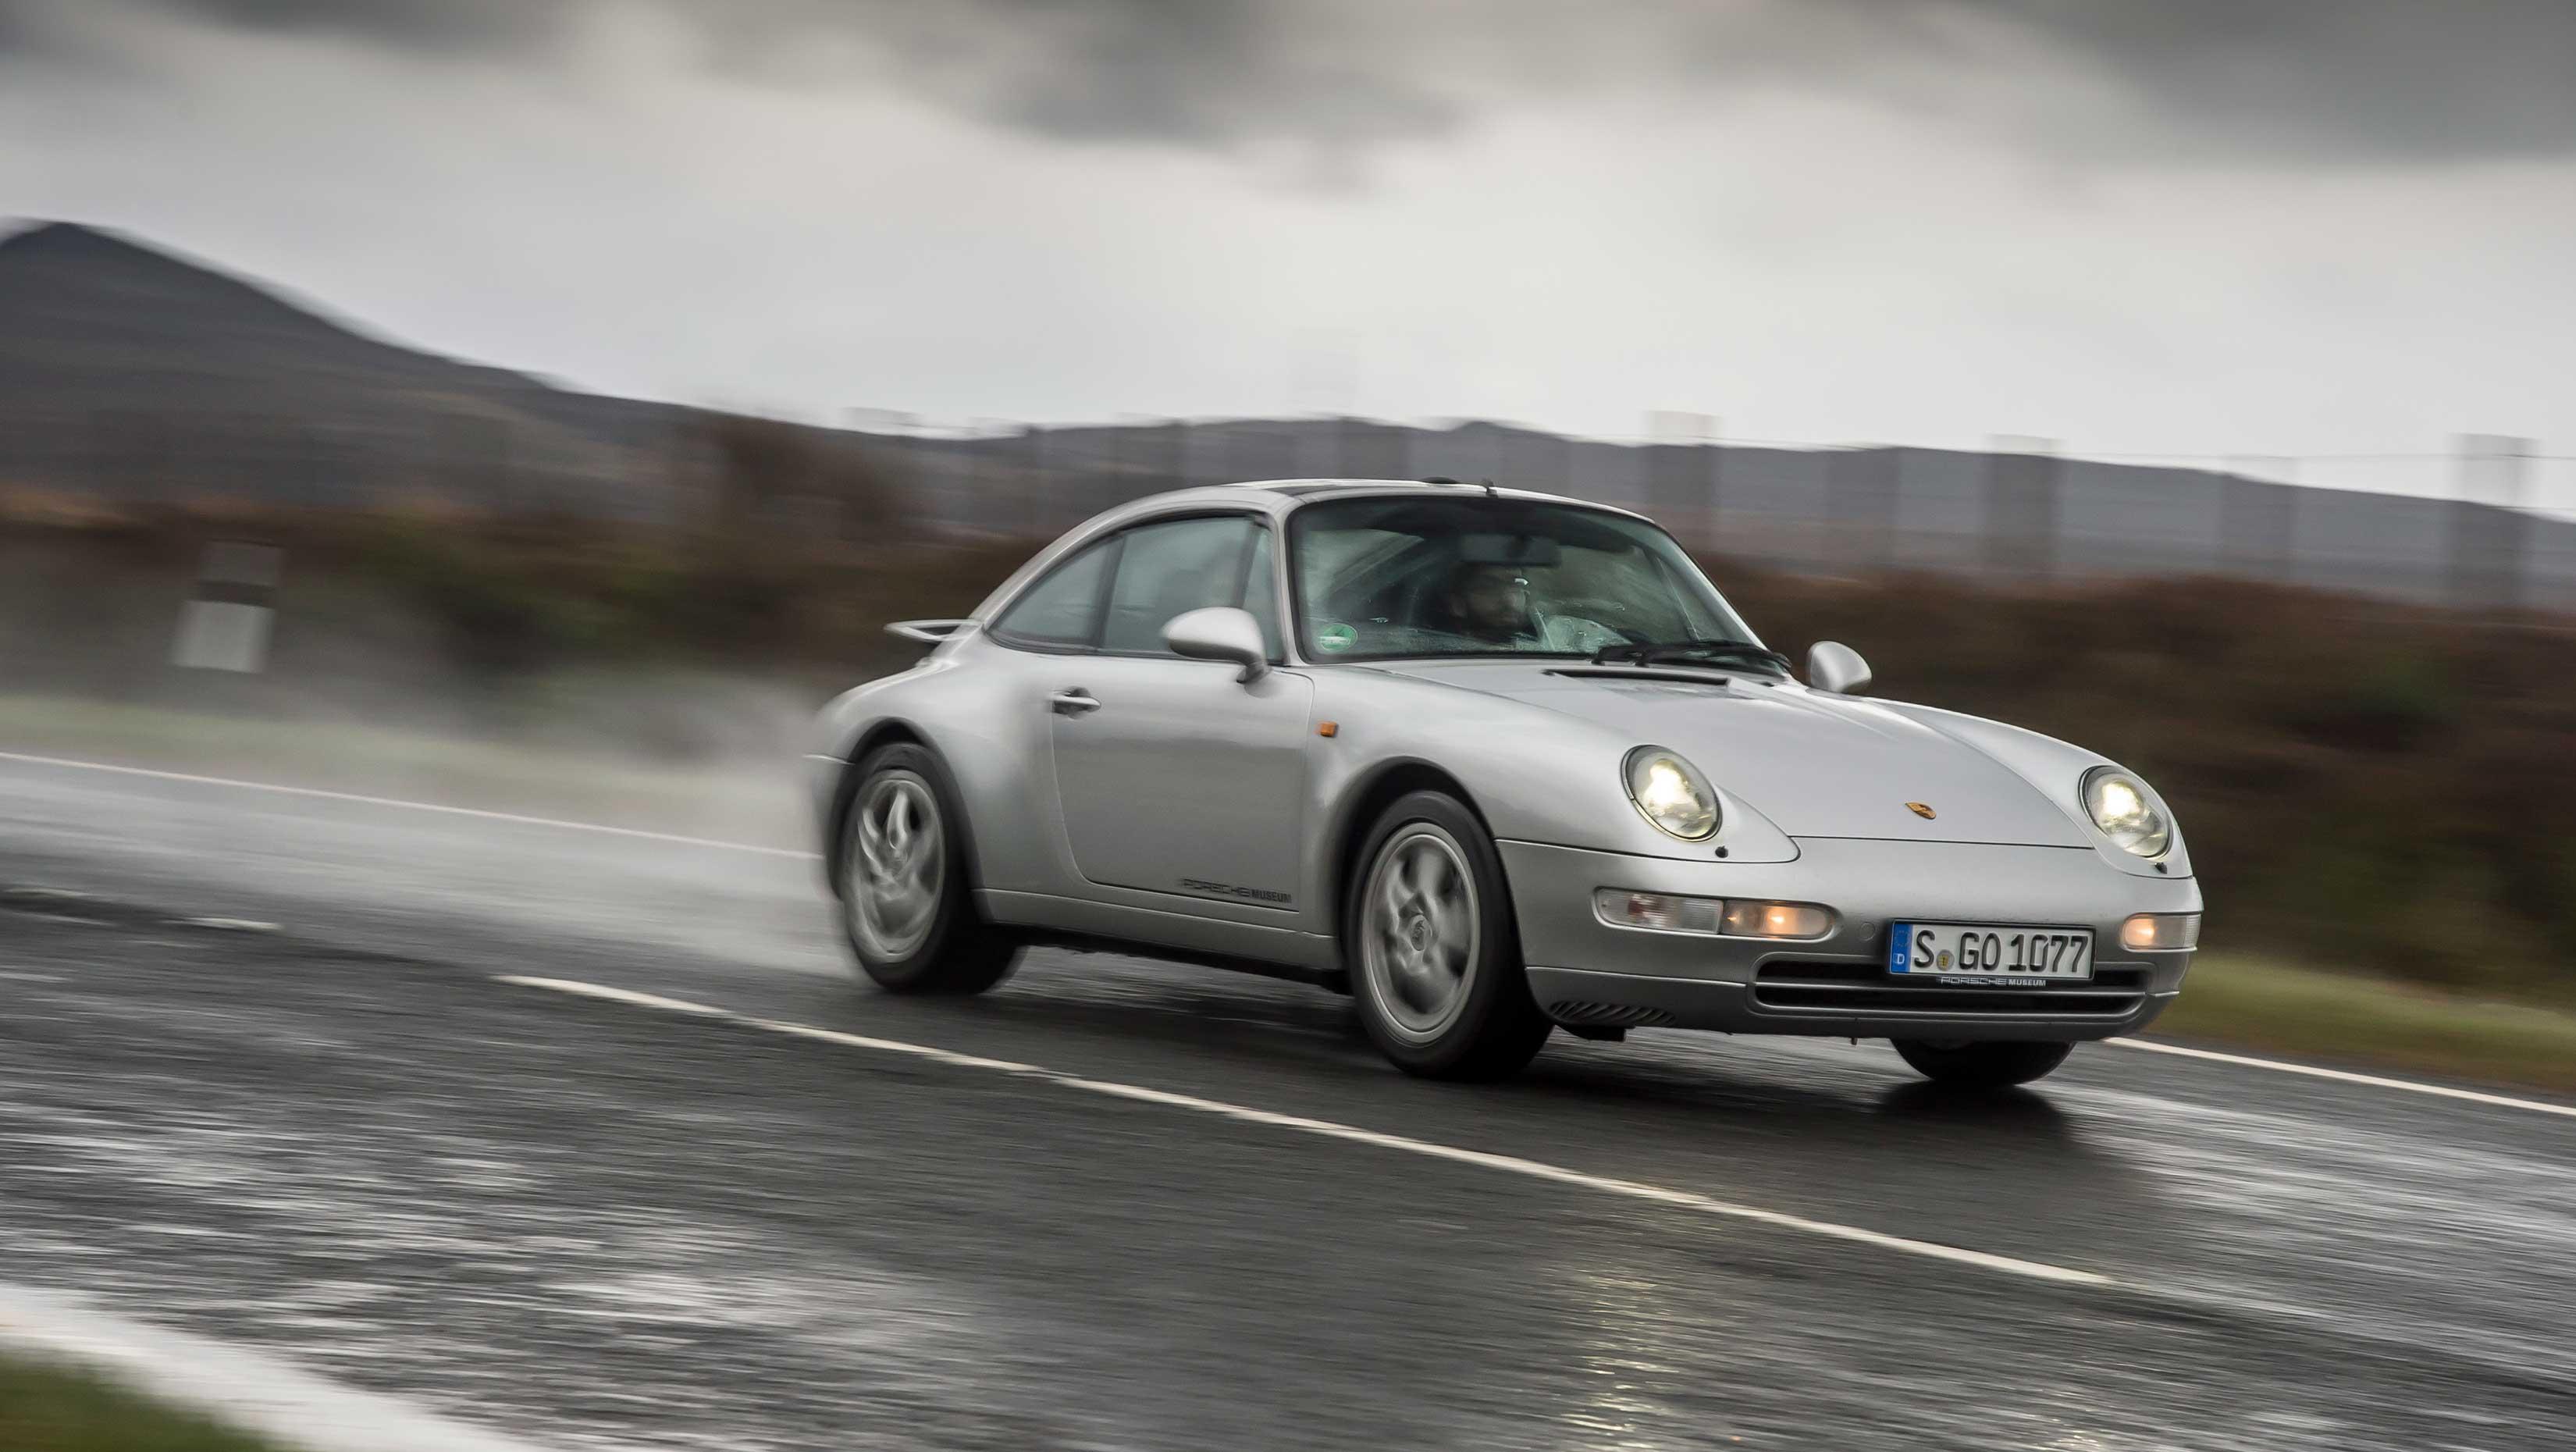 993 Porsche 911 targa